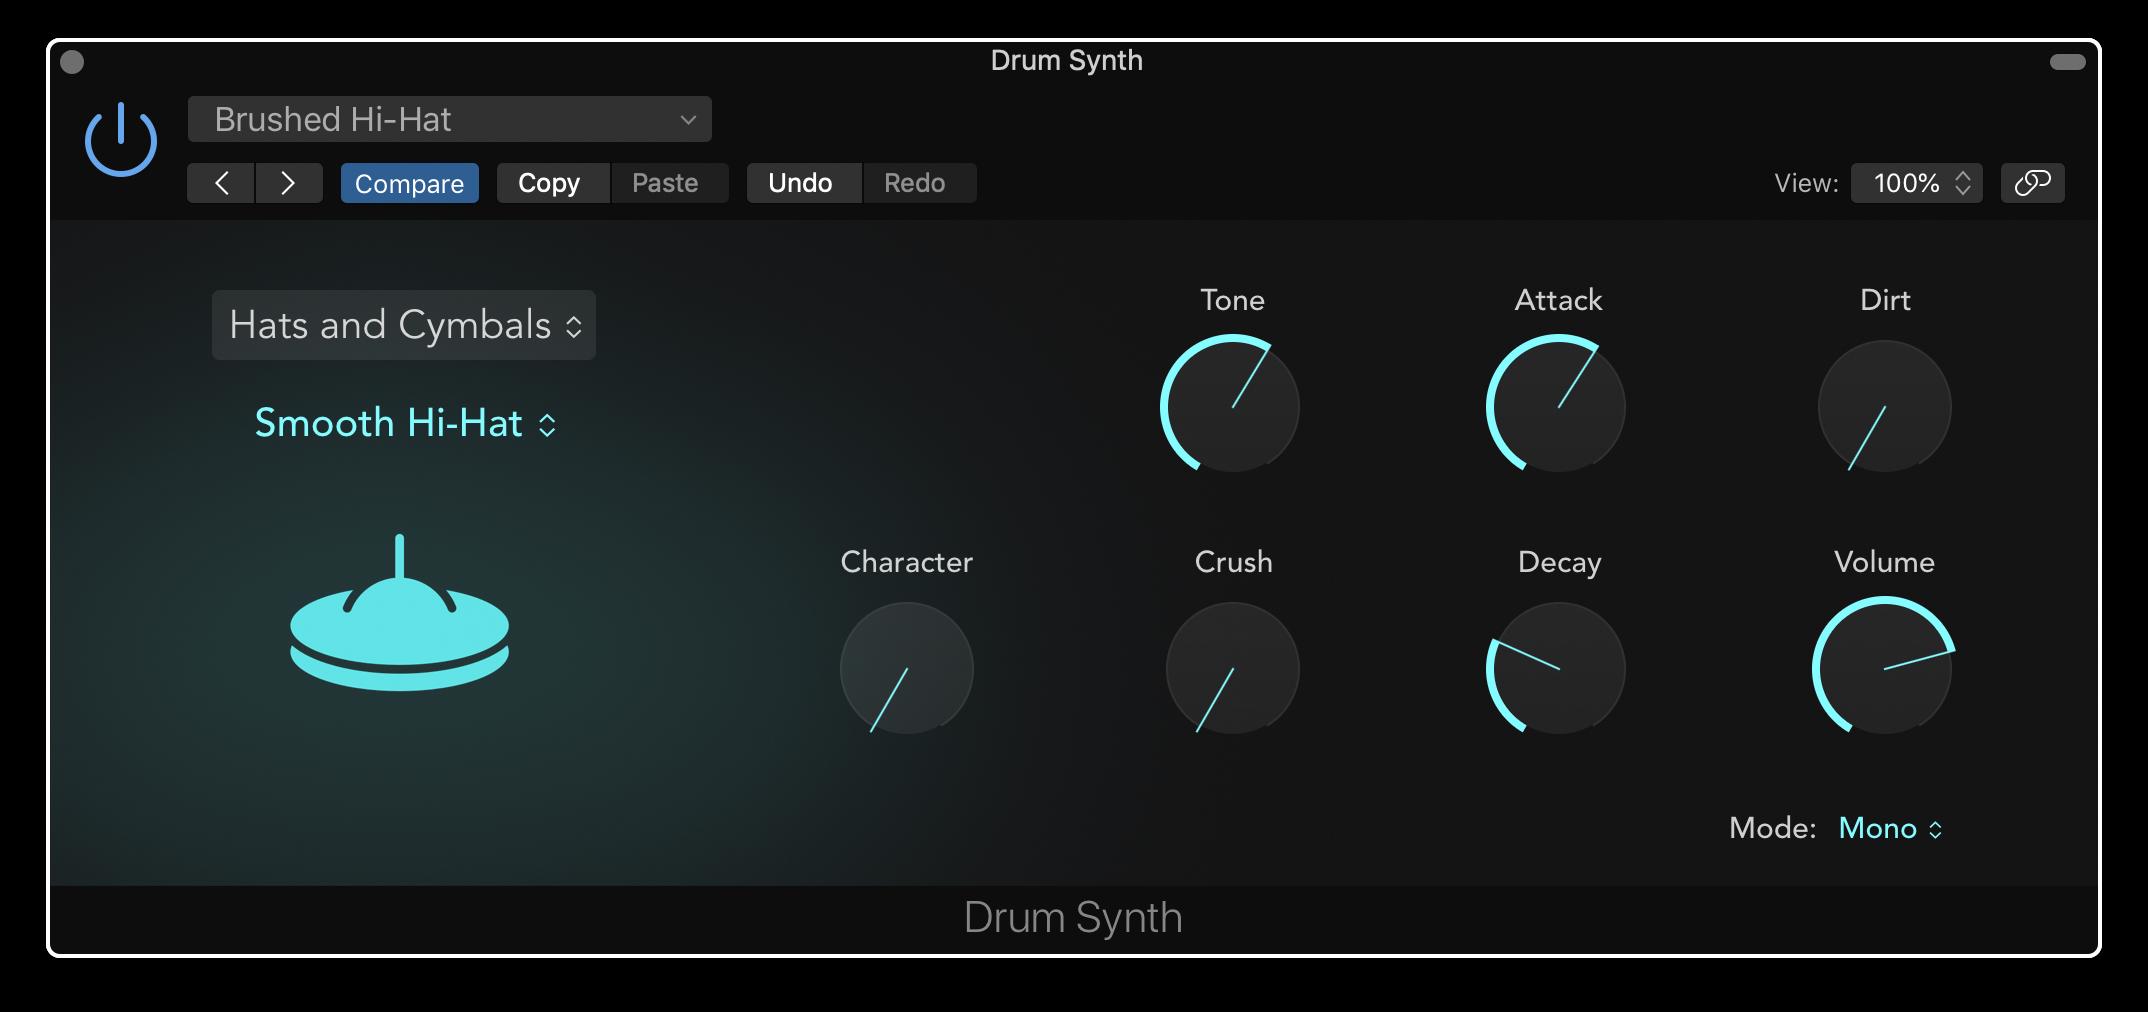 Drum Synth kicks